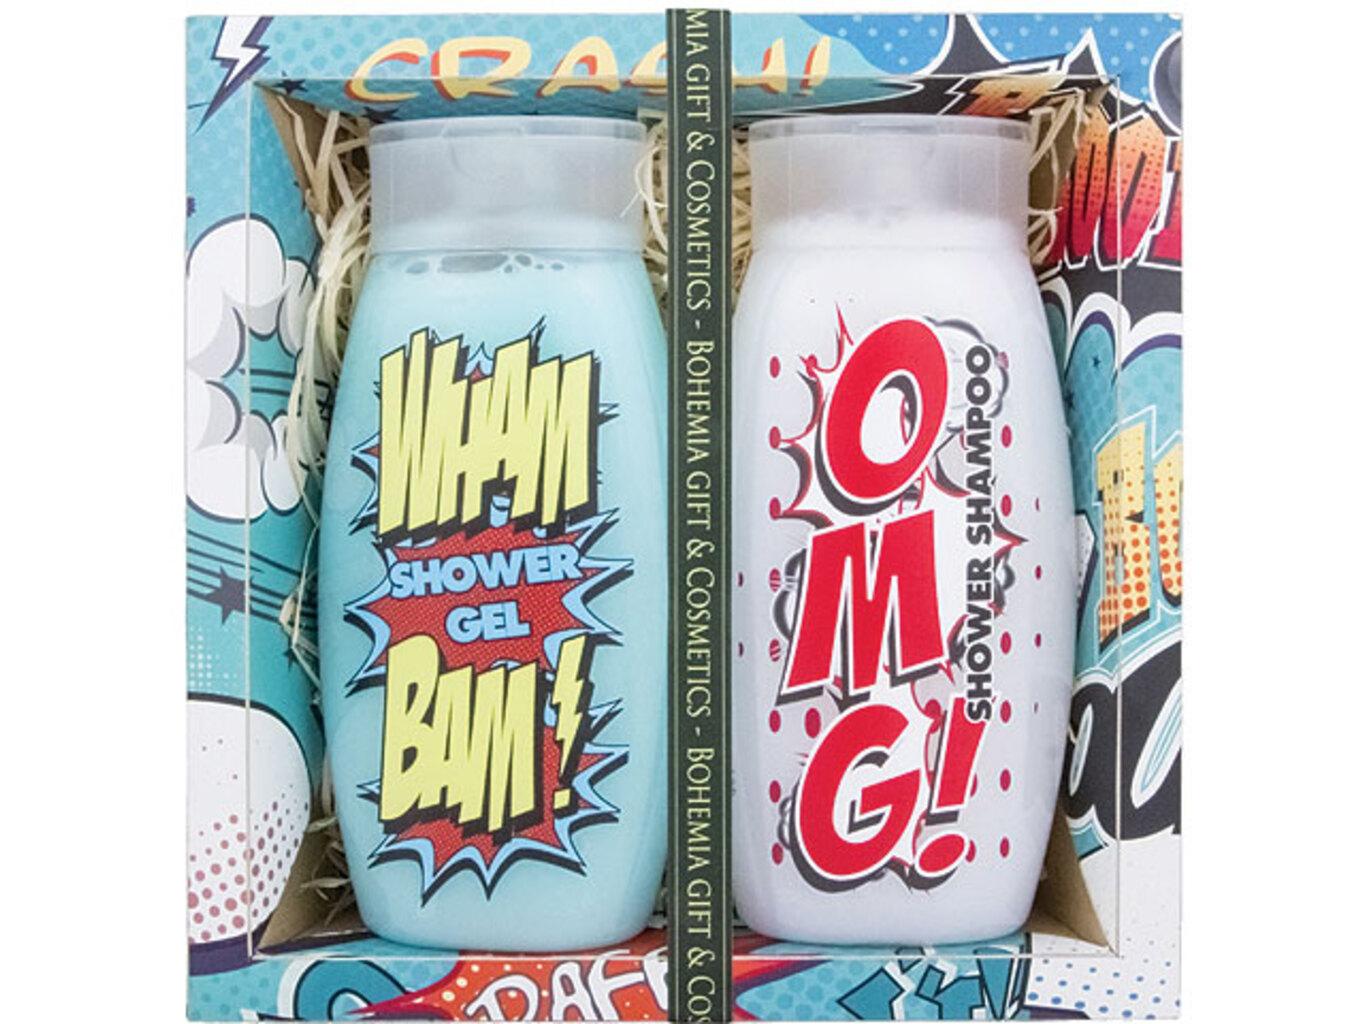 Dárkové balení - gel + sprchový šampon pro teenagery